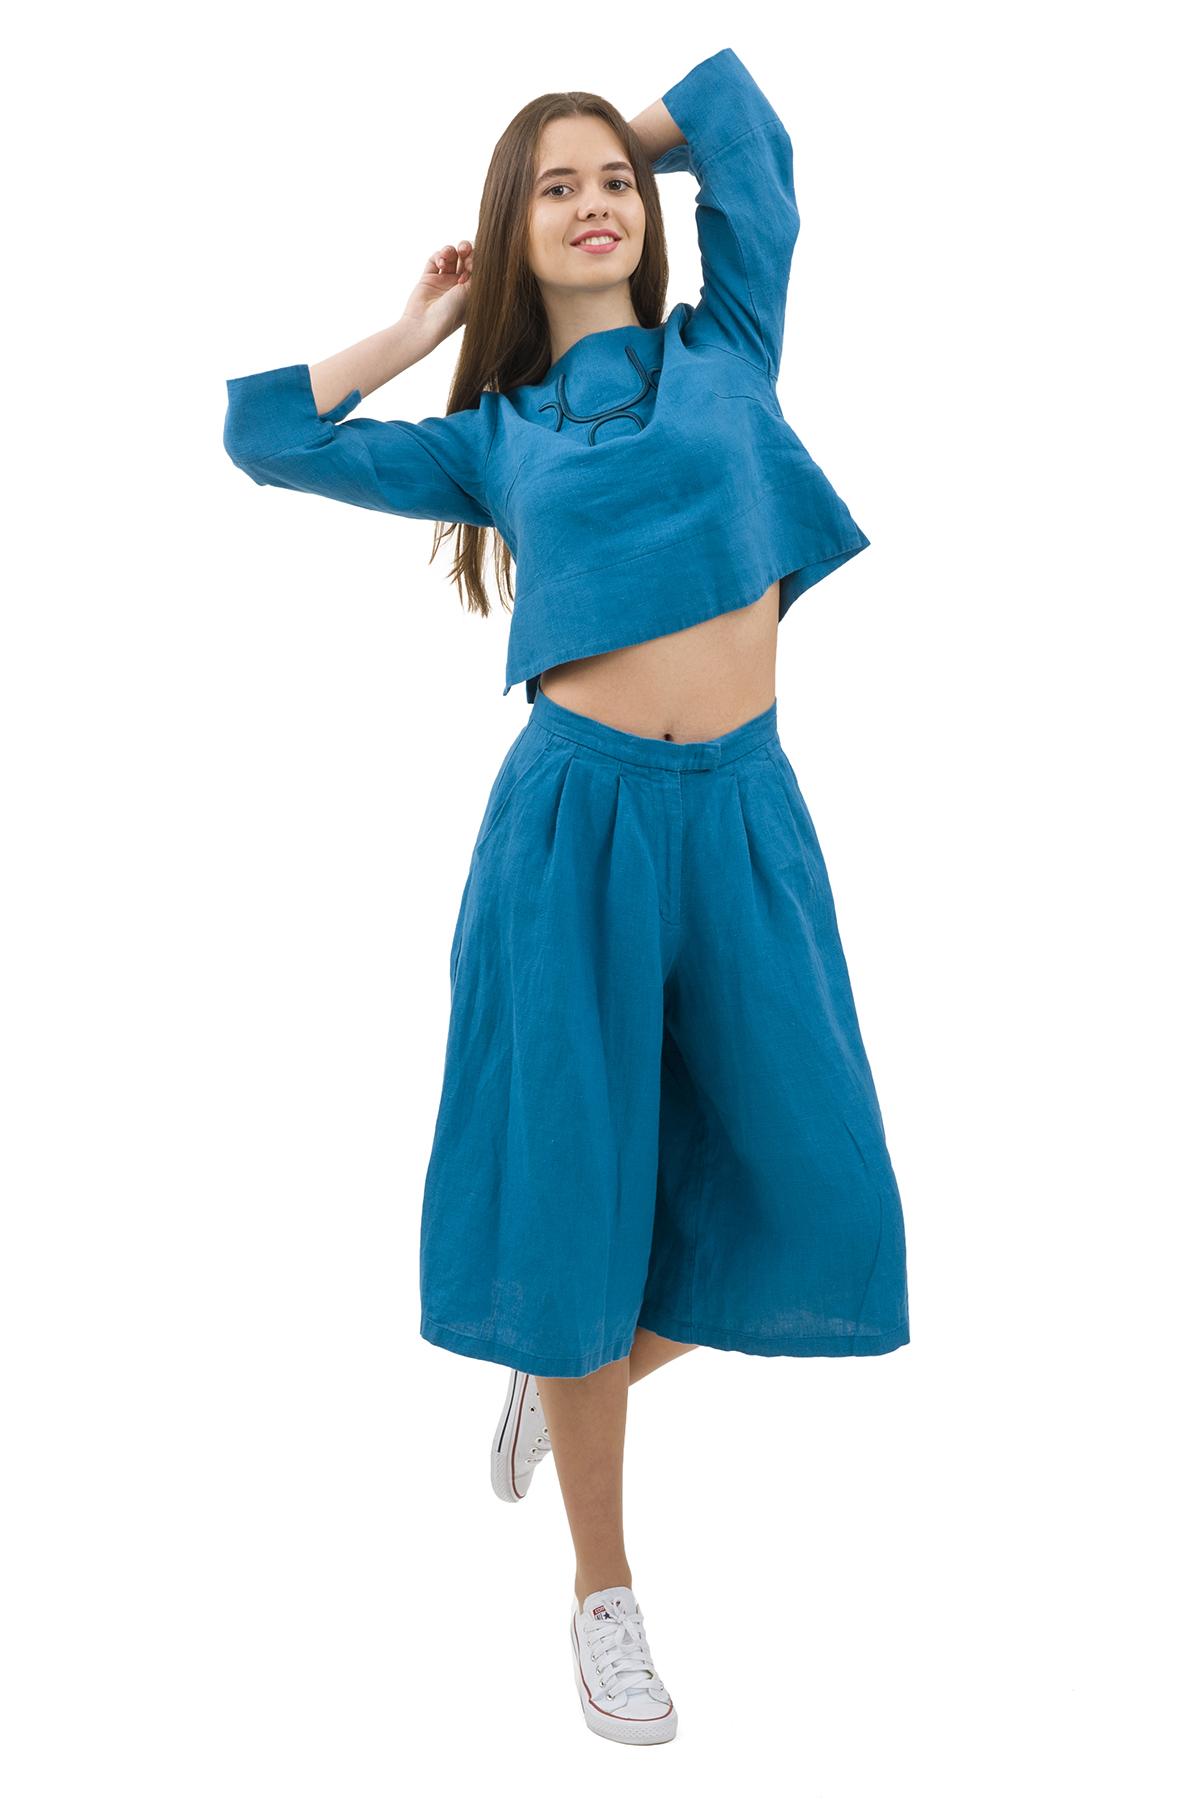 КостюмПлатья,  сарафаны<br>Стильный костюм выполнен из натуральной ткани - льна. Данная модель удачно подчеркнет красоту Вашей фигуры, а яркая расцветка  не оставит Вас незамеченной.<br><br>Цвет: бирюзовый<br>Состав: 100% лен<br>Размер: 40,42,44,46,50<br>Страна дизайна: Россия<br>Страна производства: Россия